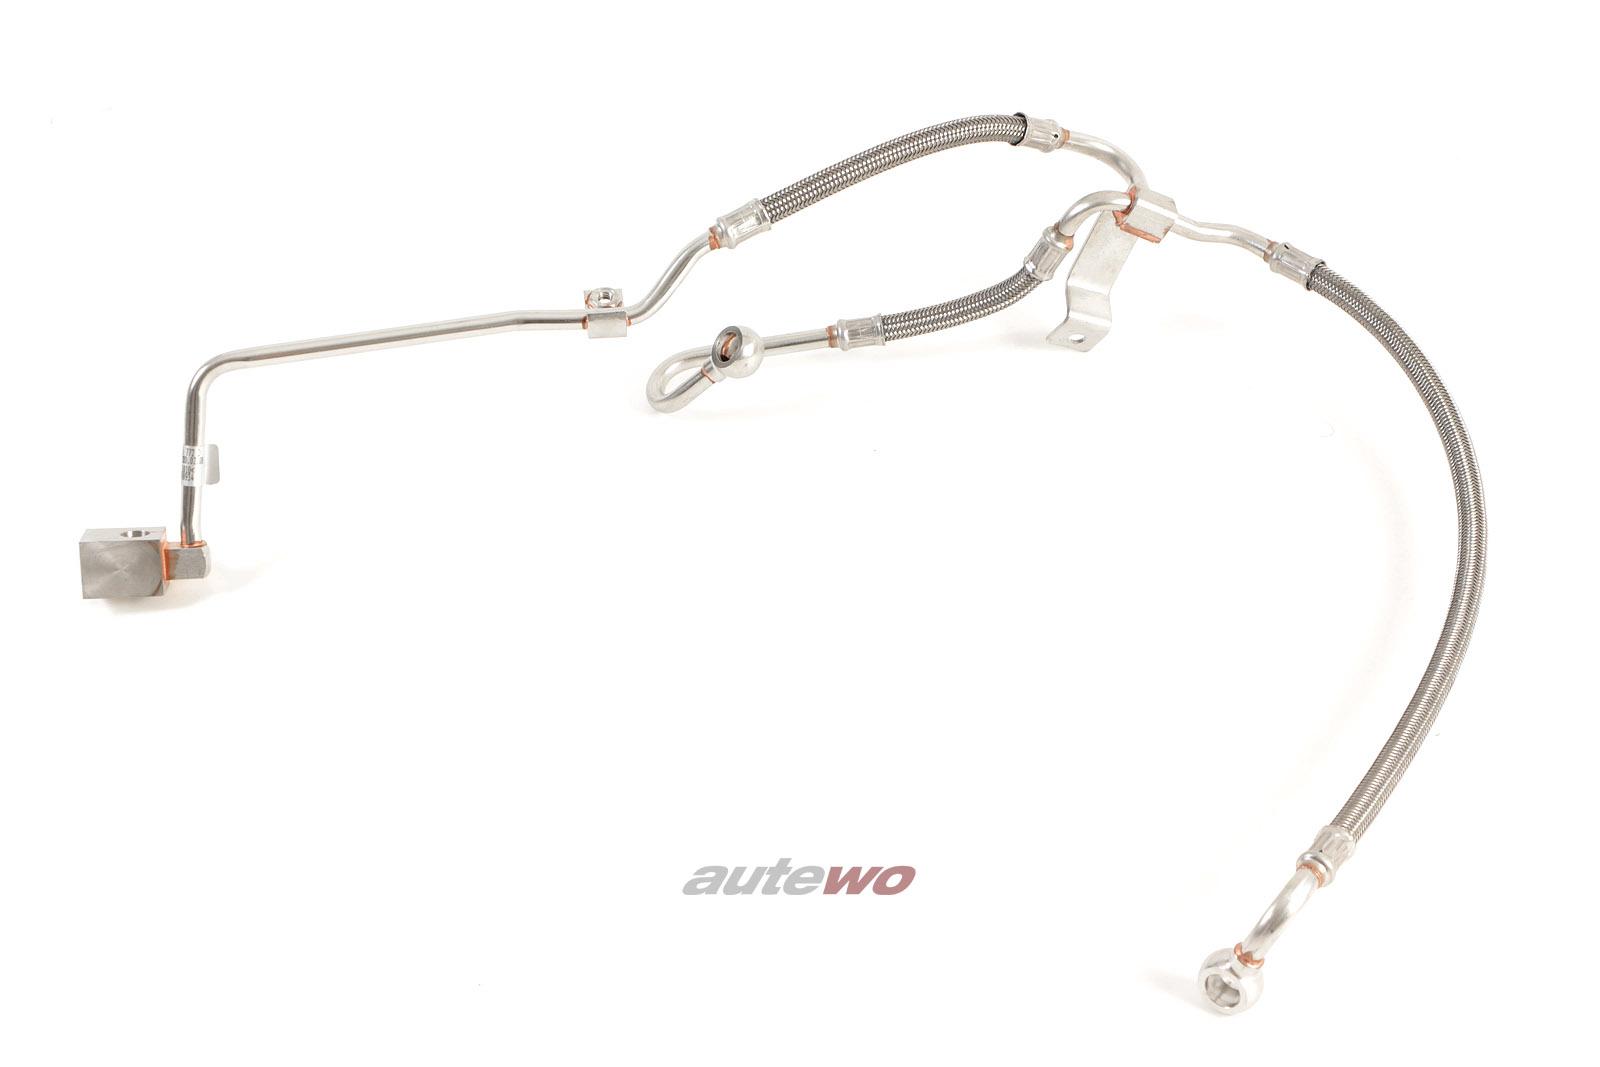 077145772D NEU Audi RS6 4B 4.2l Öldruckleitung Turbolader